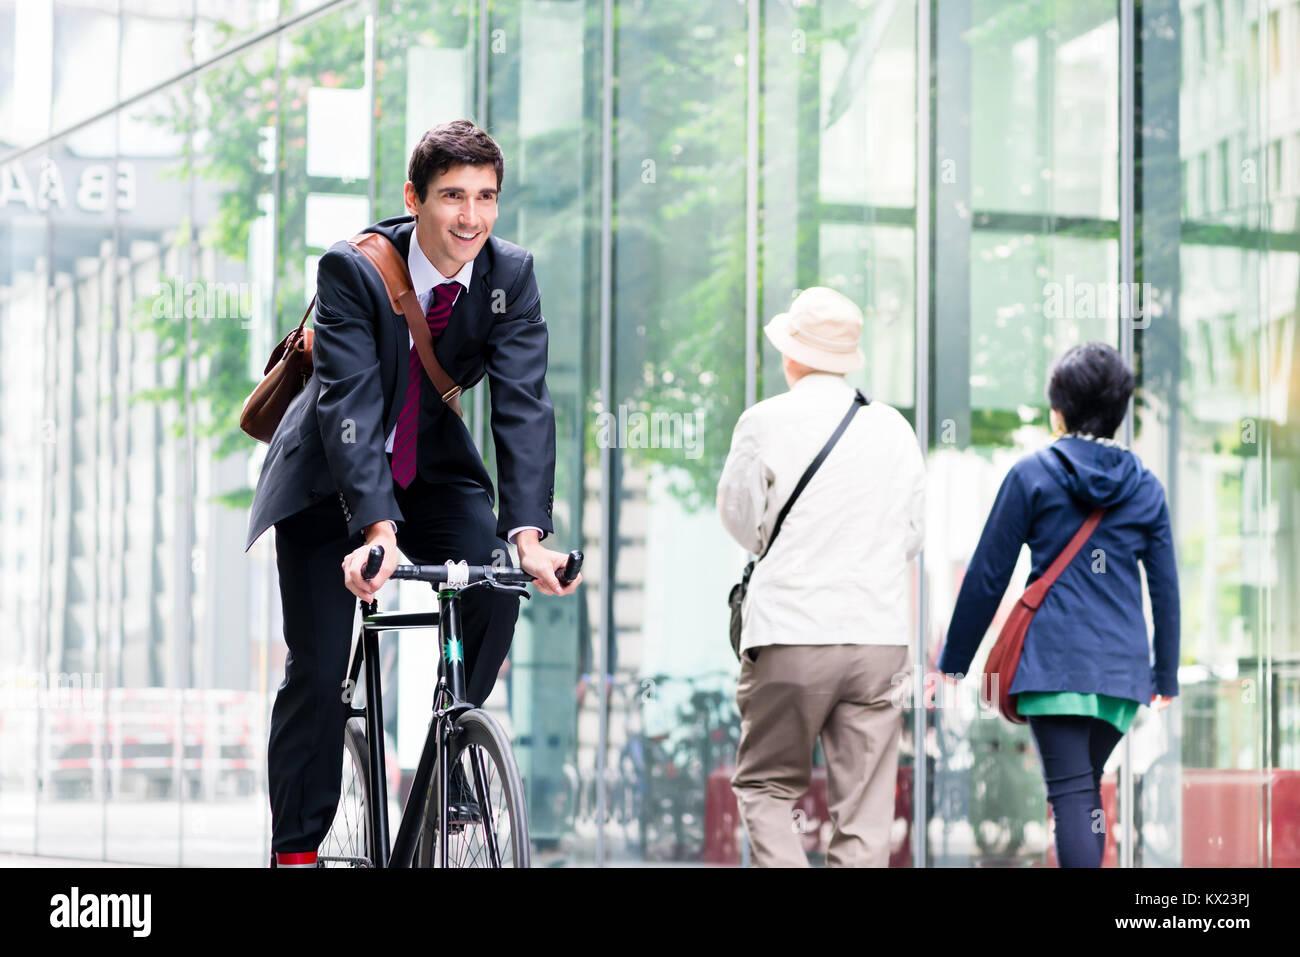 Fröhlicher junger Mitarbeiter reiten ein Dienstprogramm Fahrrad in Berlin Stockbild